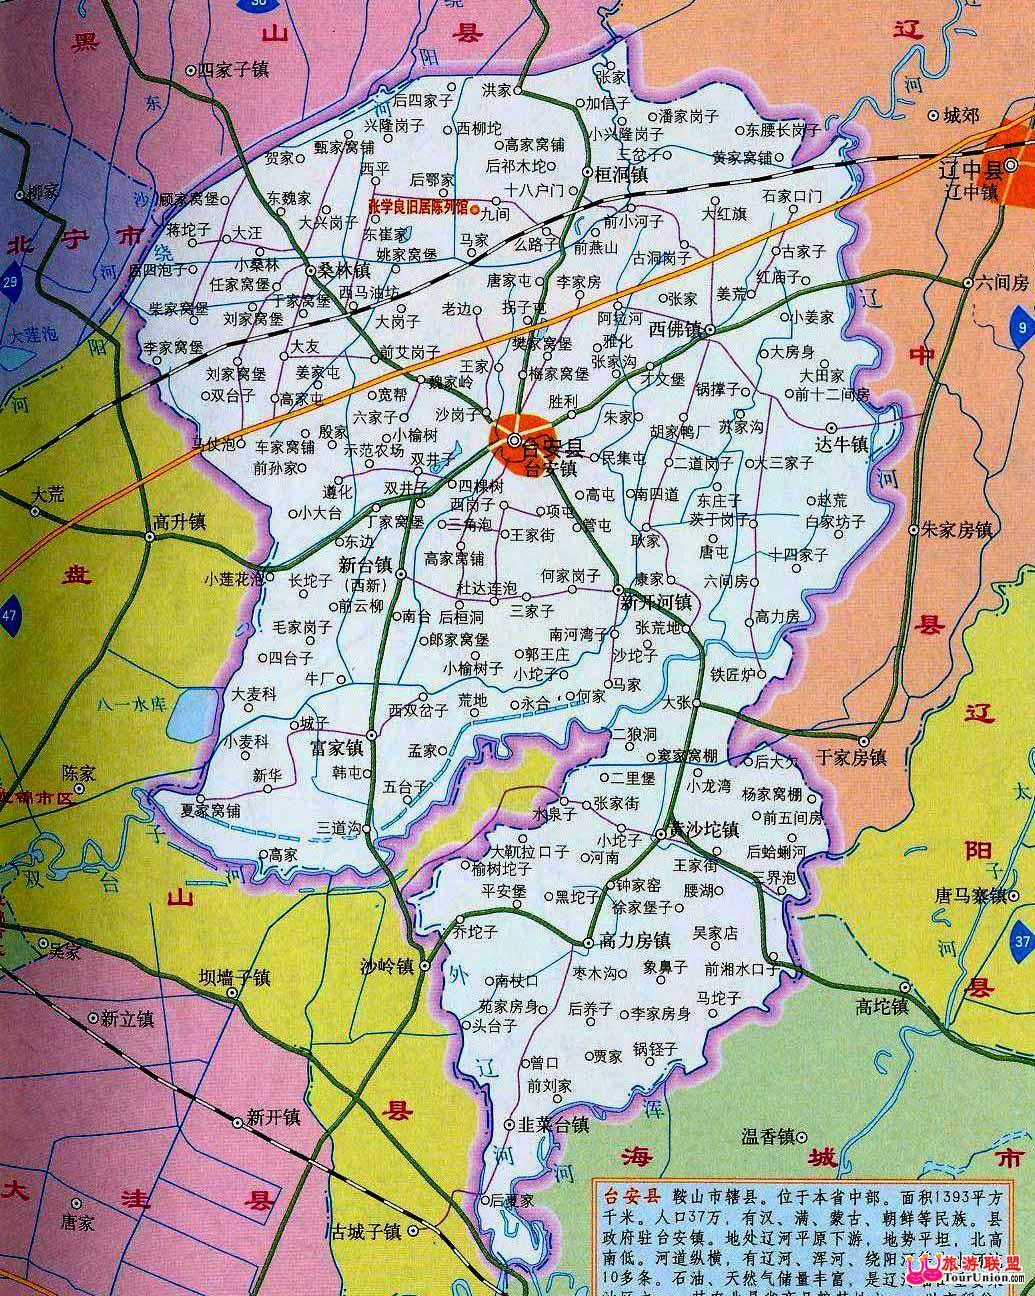 鞍山市区道路地图